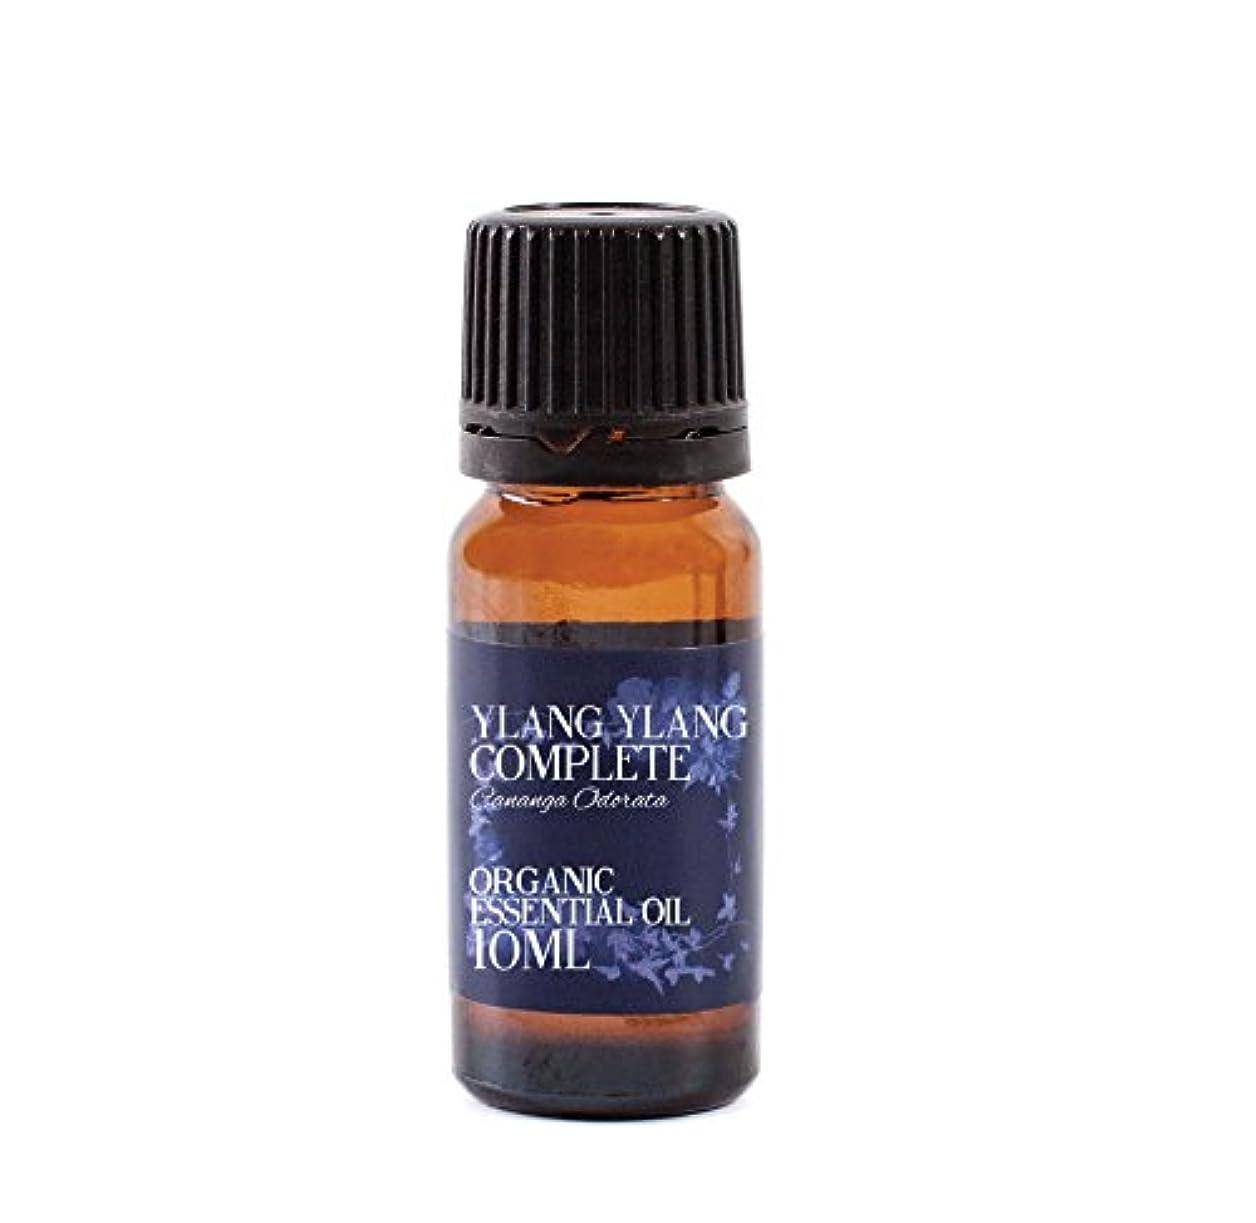 動く流用するサロンMystic Moments | Ylang Ylang Complete Organic Essential Oil - 10ml - 100% Pure